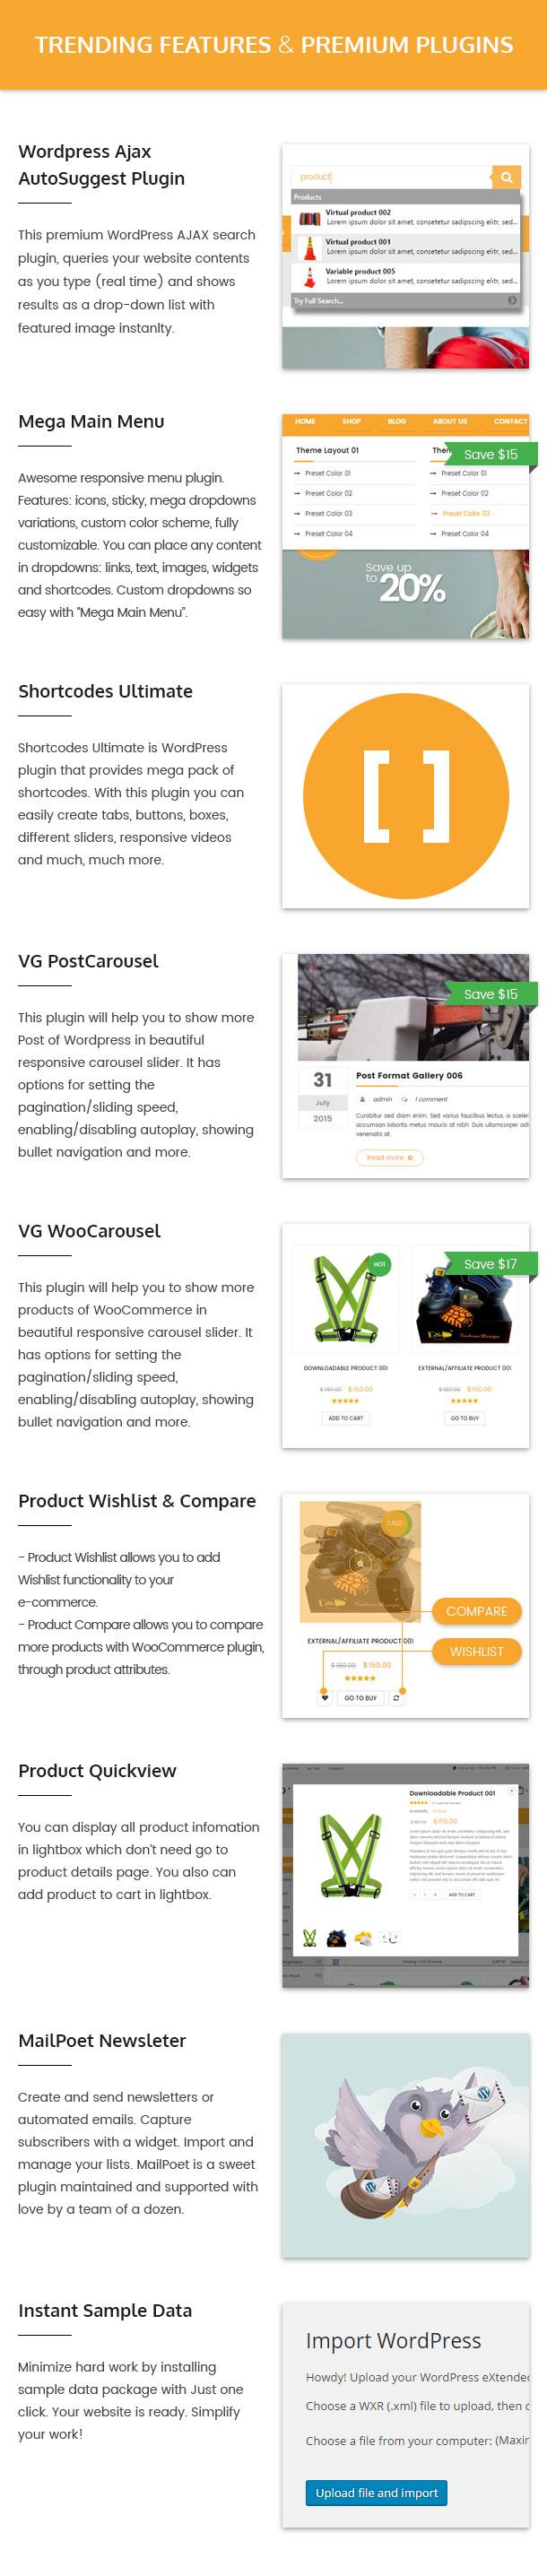 VG Labo - WooCommerce-Template für Werkzeuge, Equipment Store